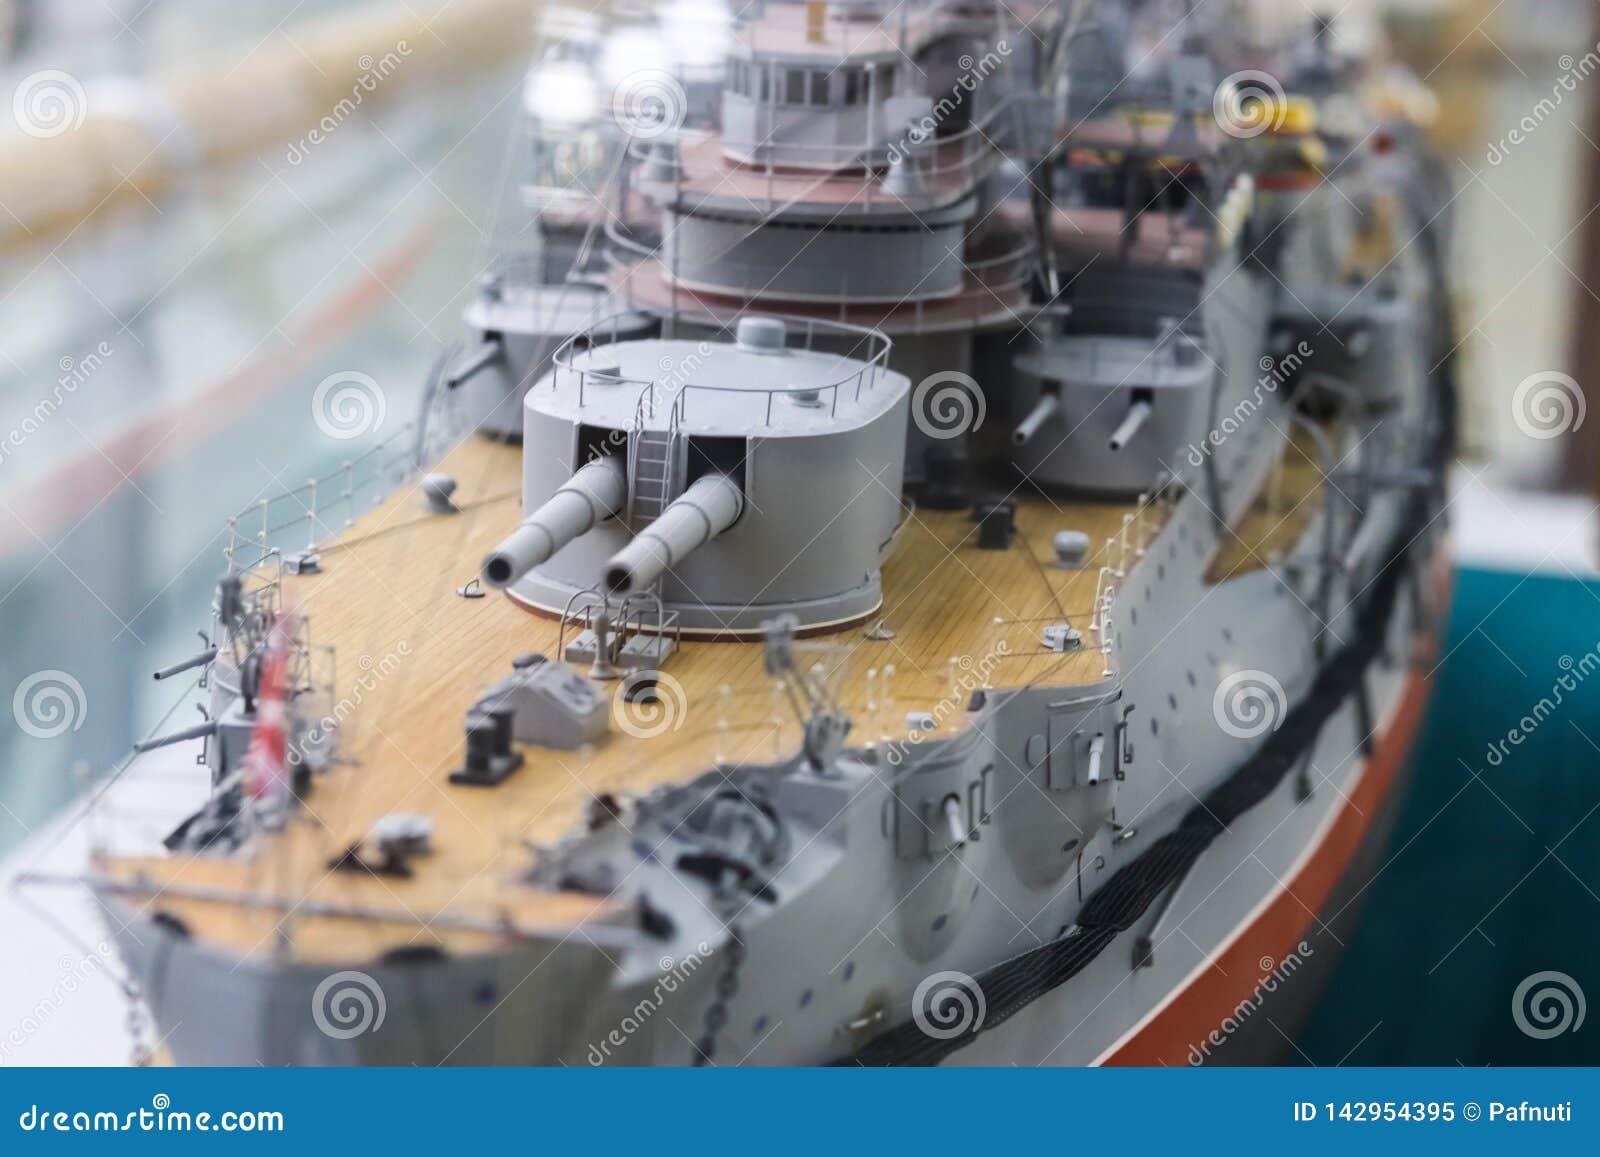 Modell eines alten Kriegsschiffes